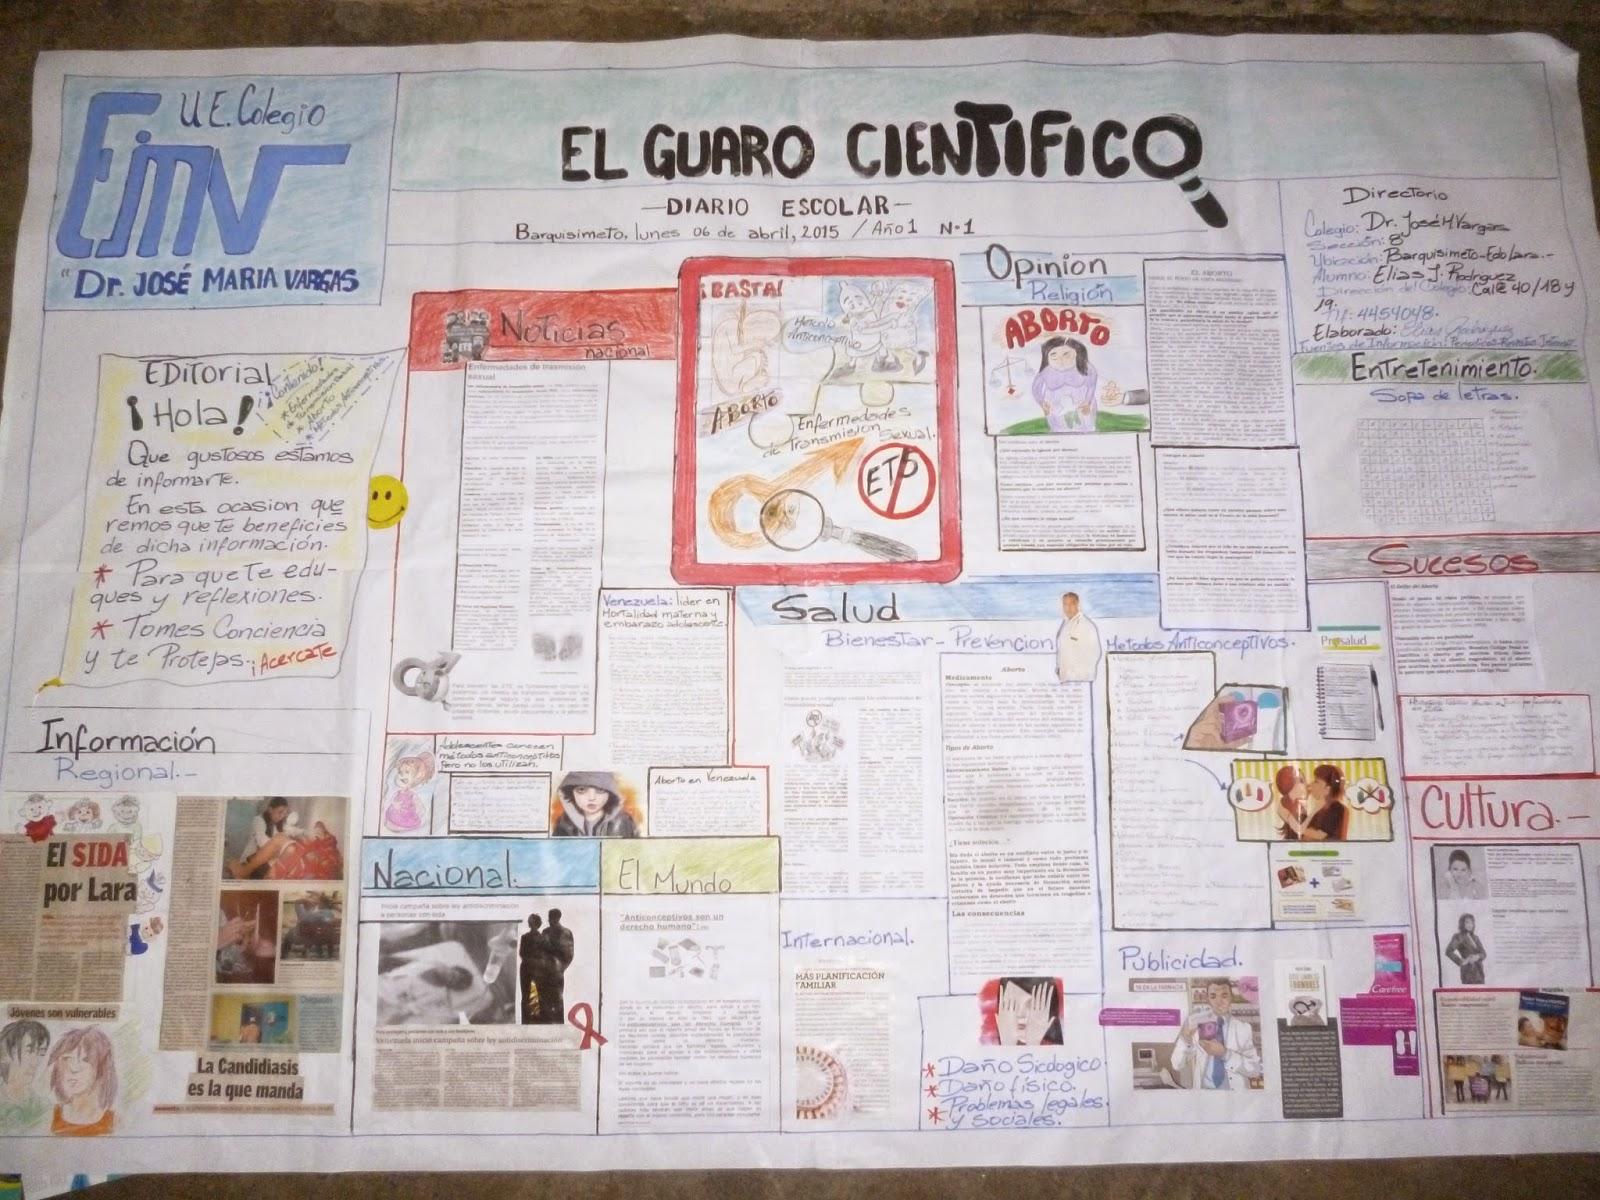 Manualidades lenis periodico mural escolar for Como elaborar un periodico mural escolar